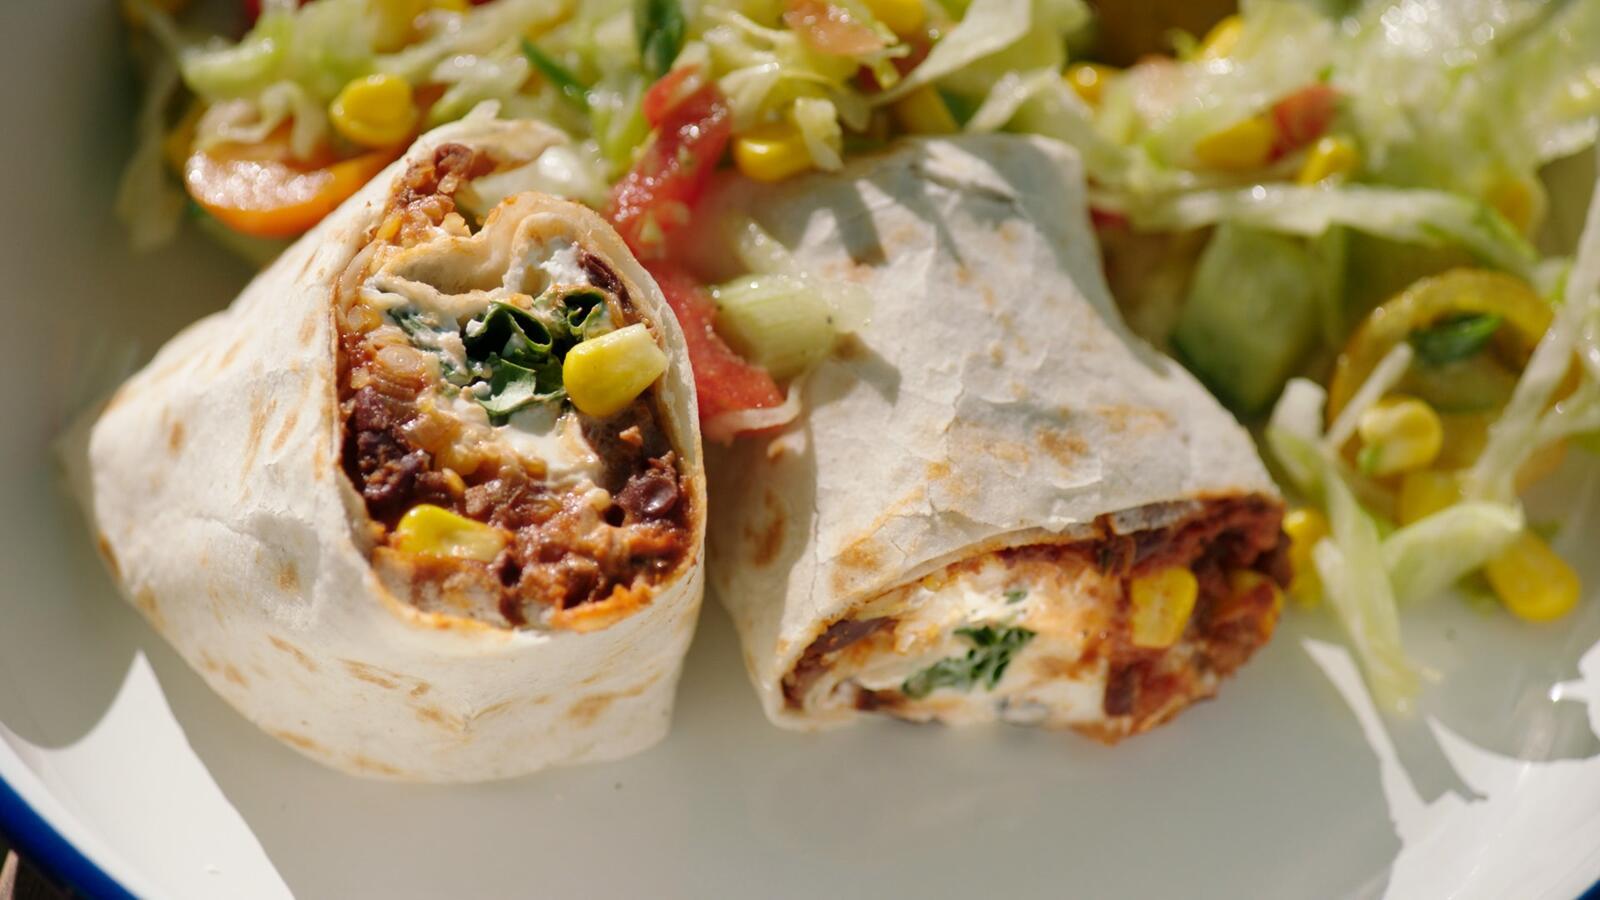 Burrito met chili con carne